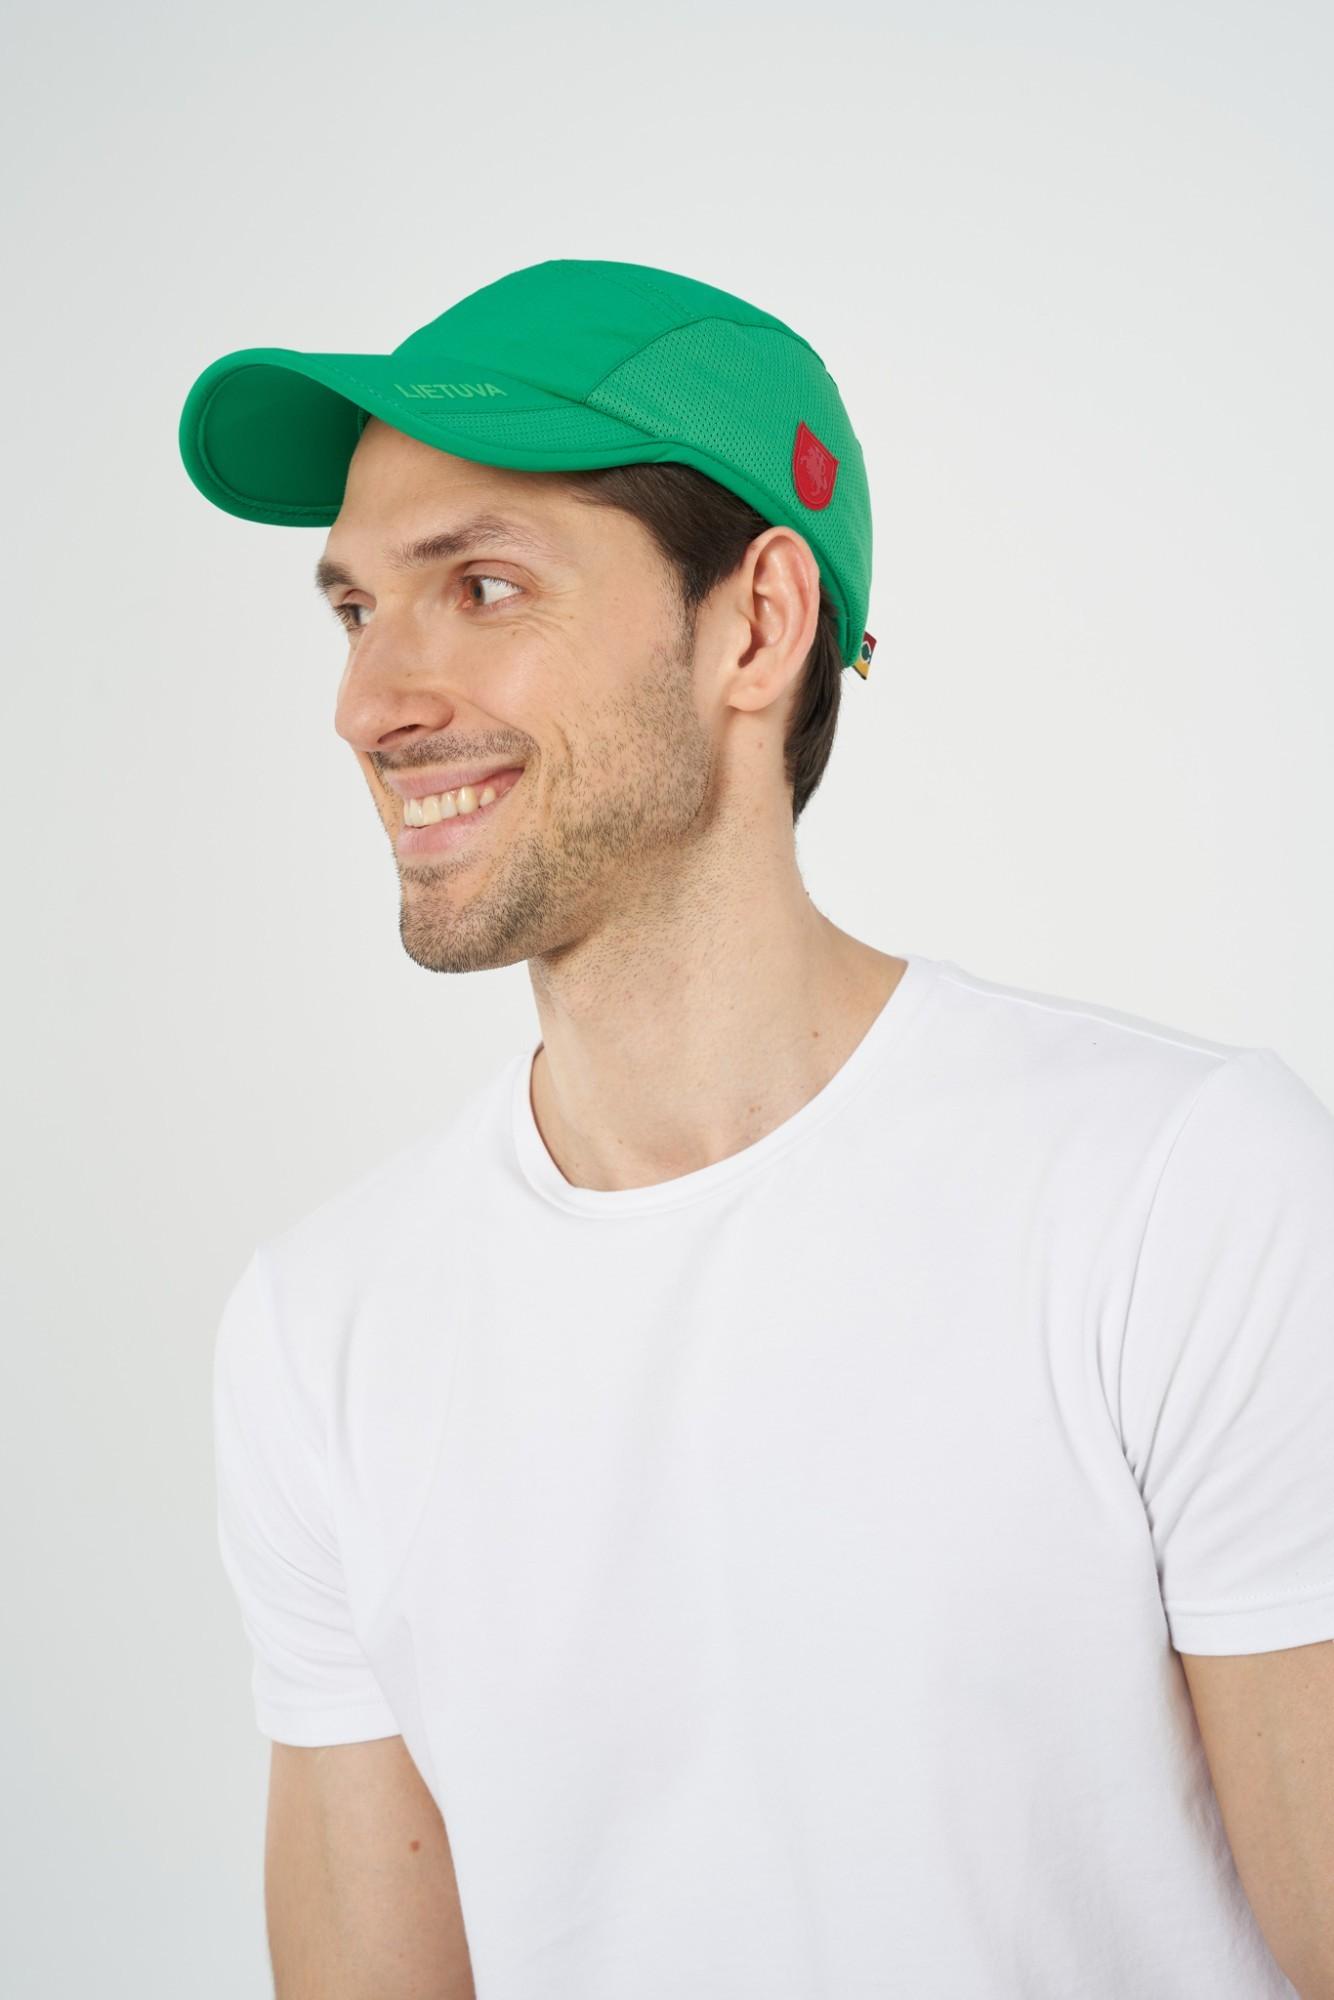 AUDIMAS Funkcionali kepurė su snapeliu NOS1-06-322 Jolly Green One size